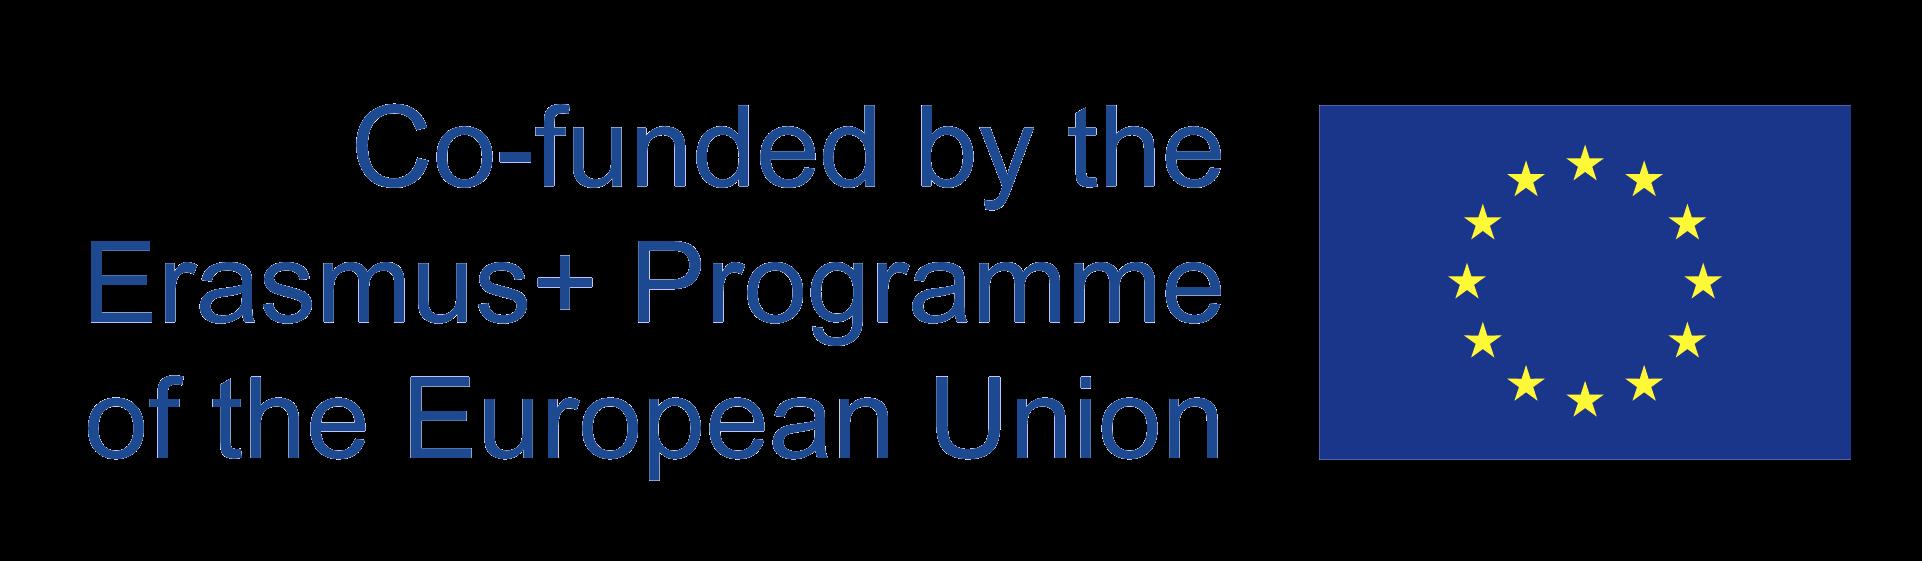 ue-erasmus-logo.png